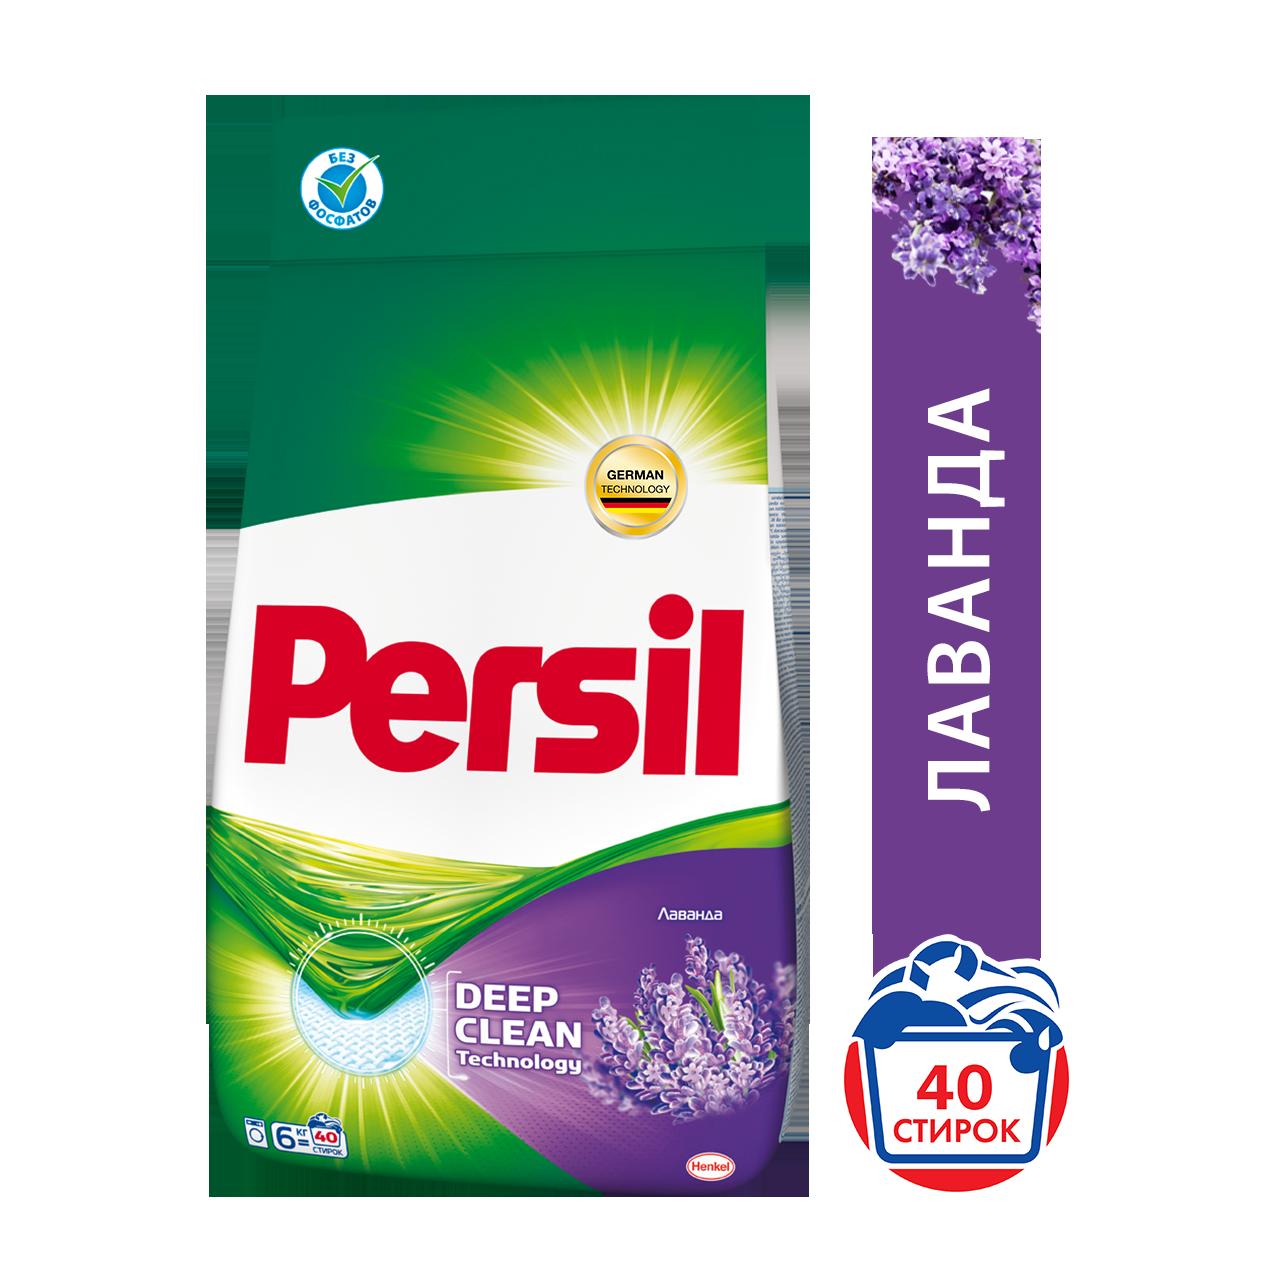 Cредство для стирки Persil Лаванда для белого белья, стиральный порошок 6кг (40 стирок)